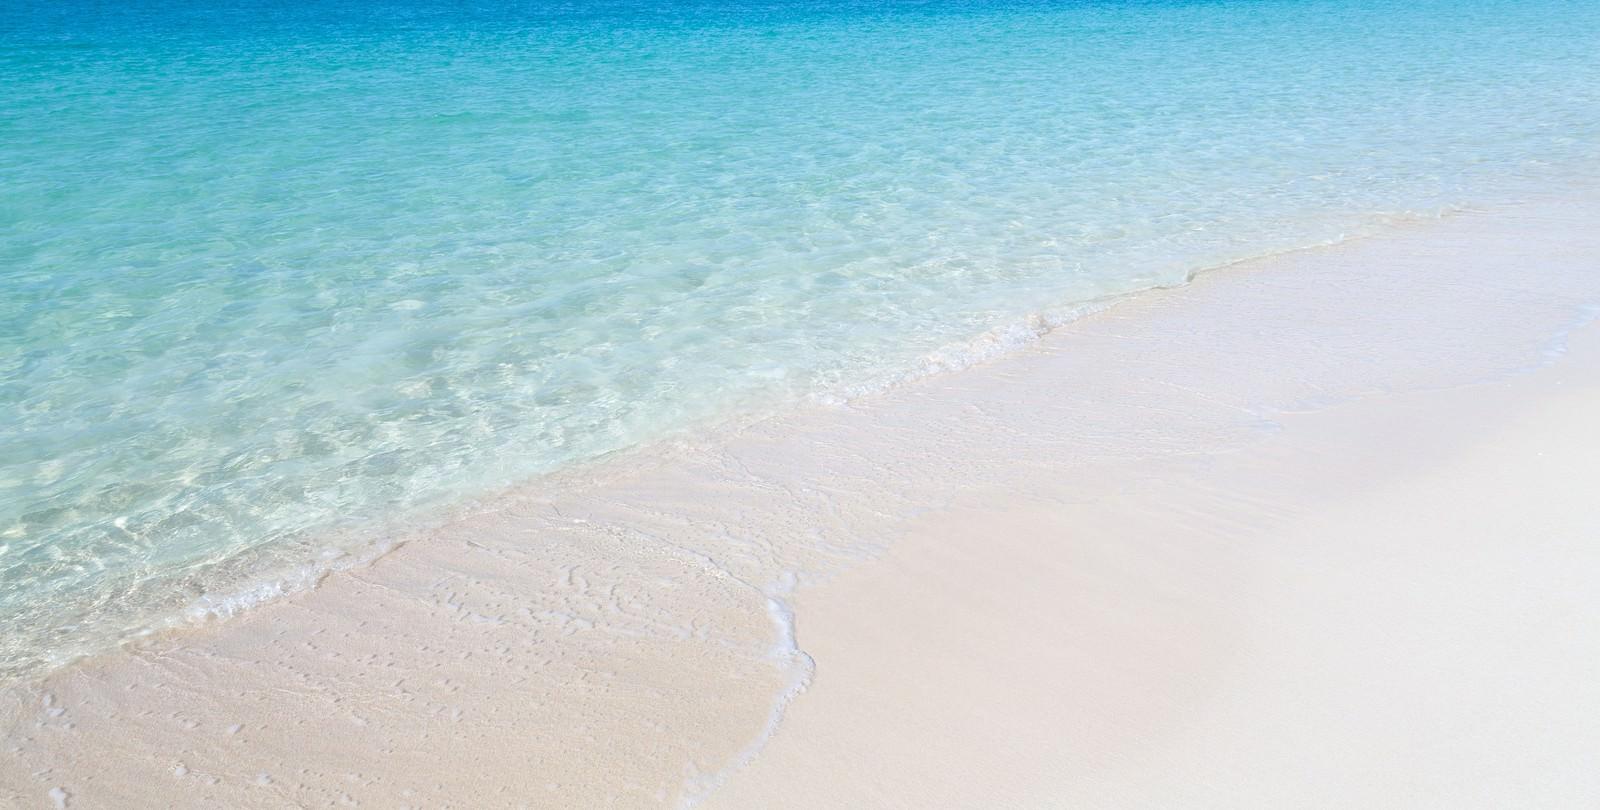 「透明度の高い宮古島の前浜ビーチの海」の写真